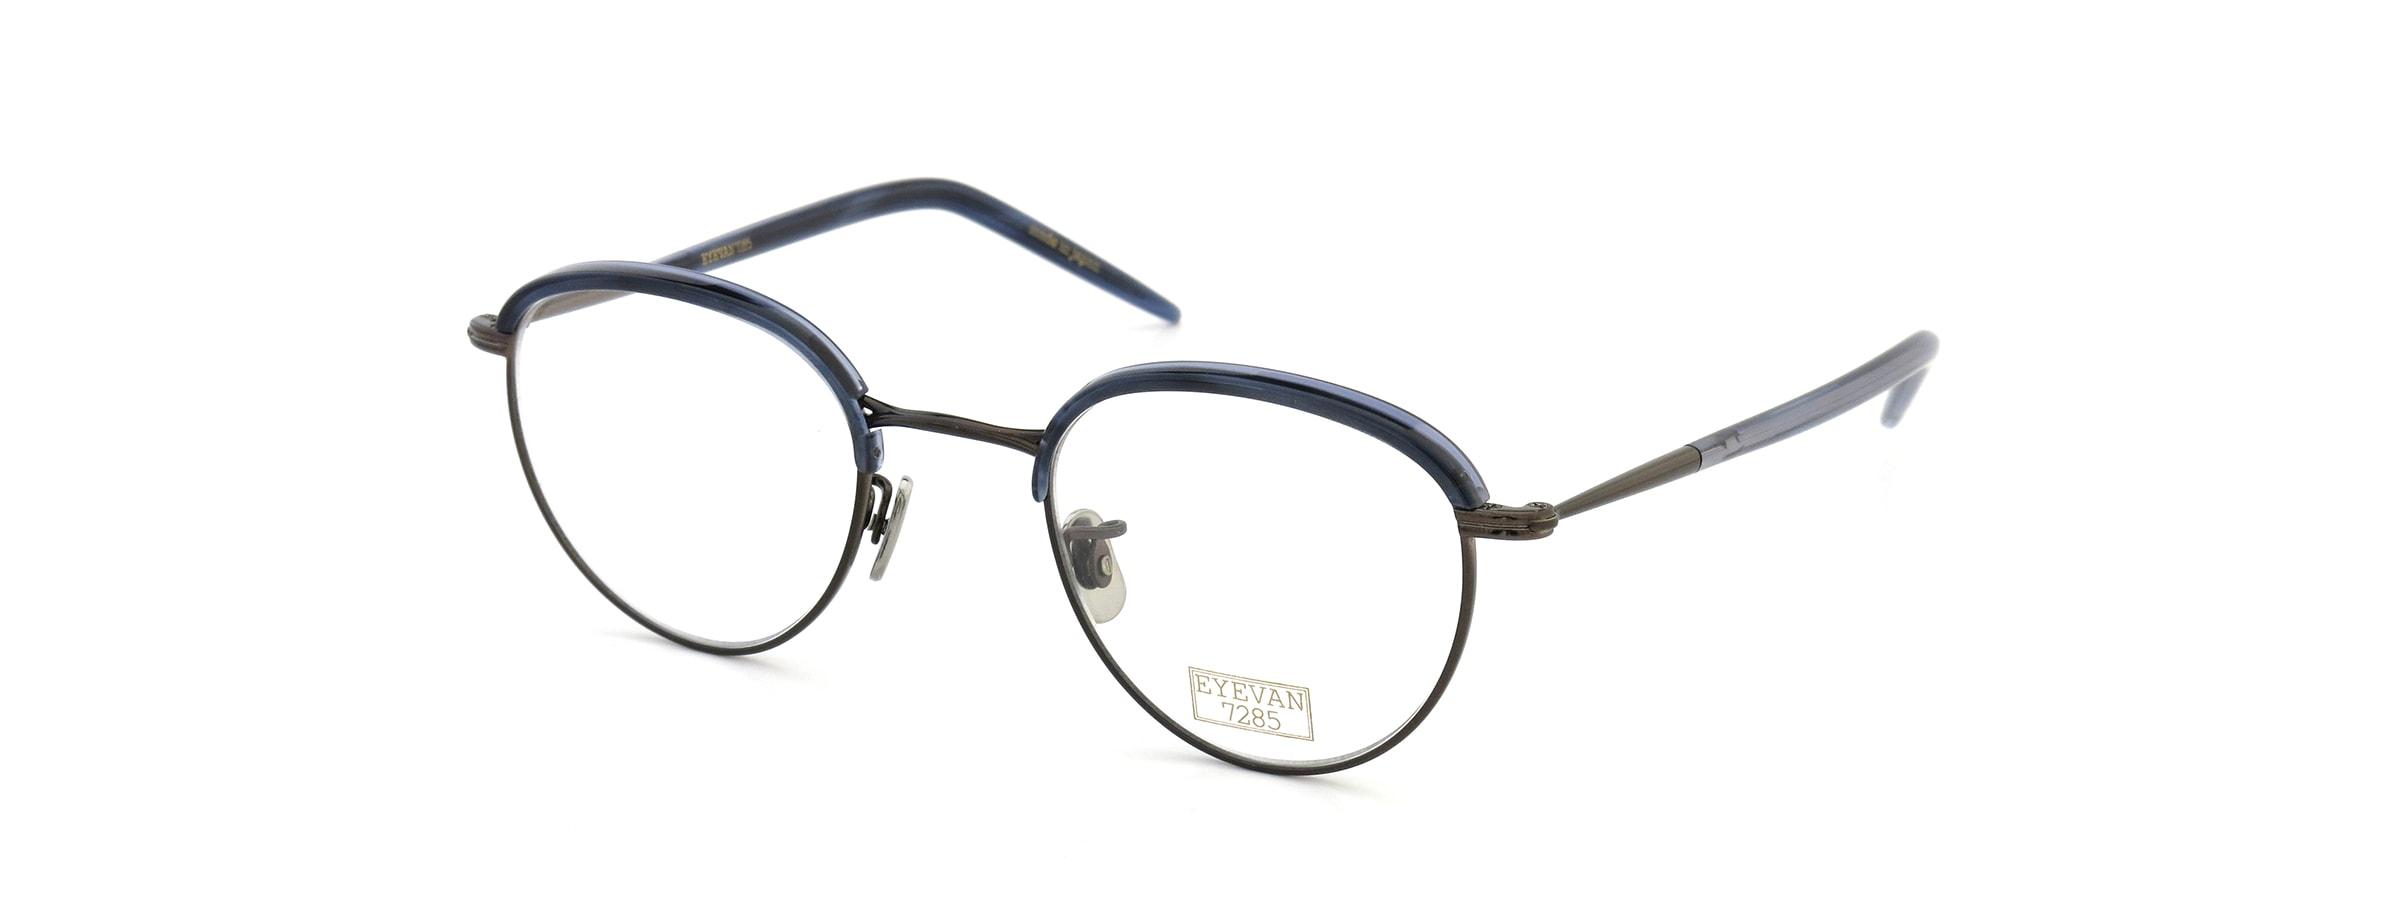 EYEVAN 7285 550 2023 NAVY-BLUE/BROWN